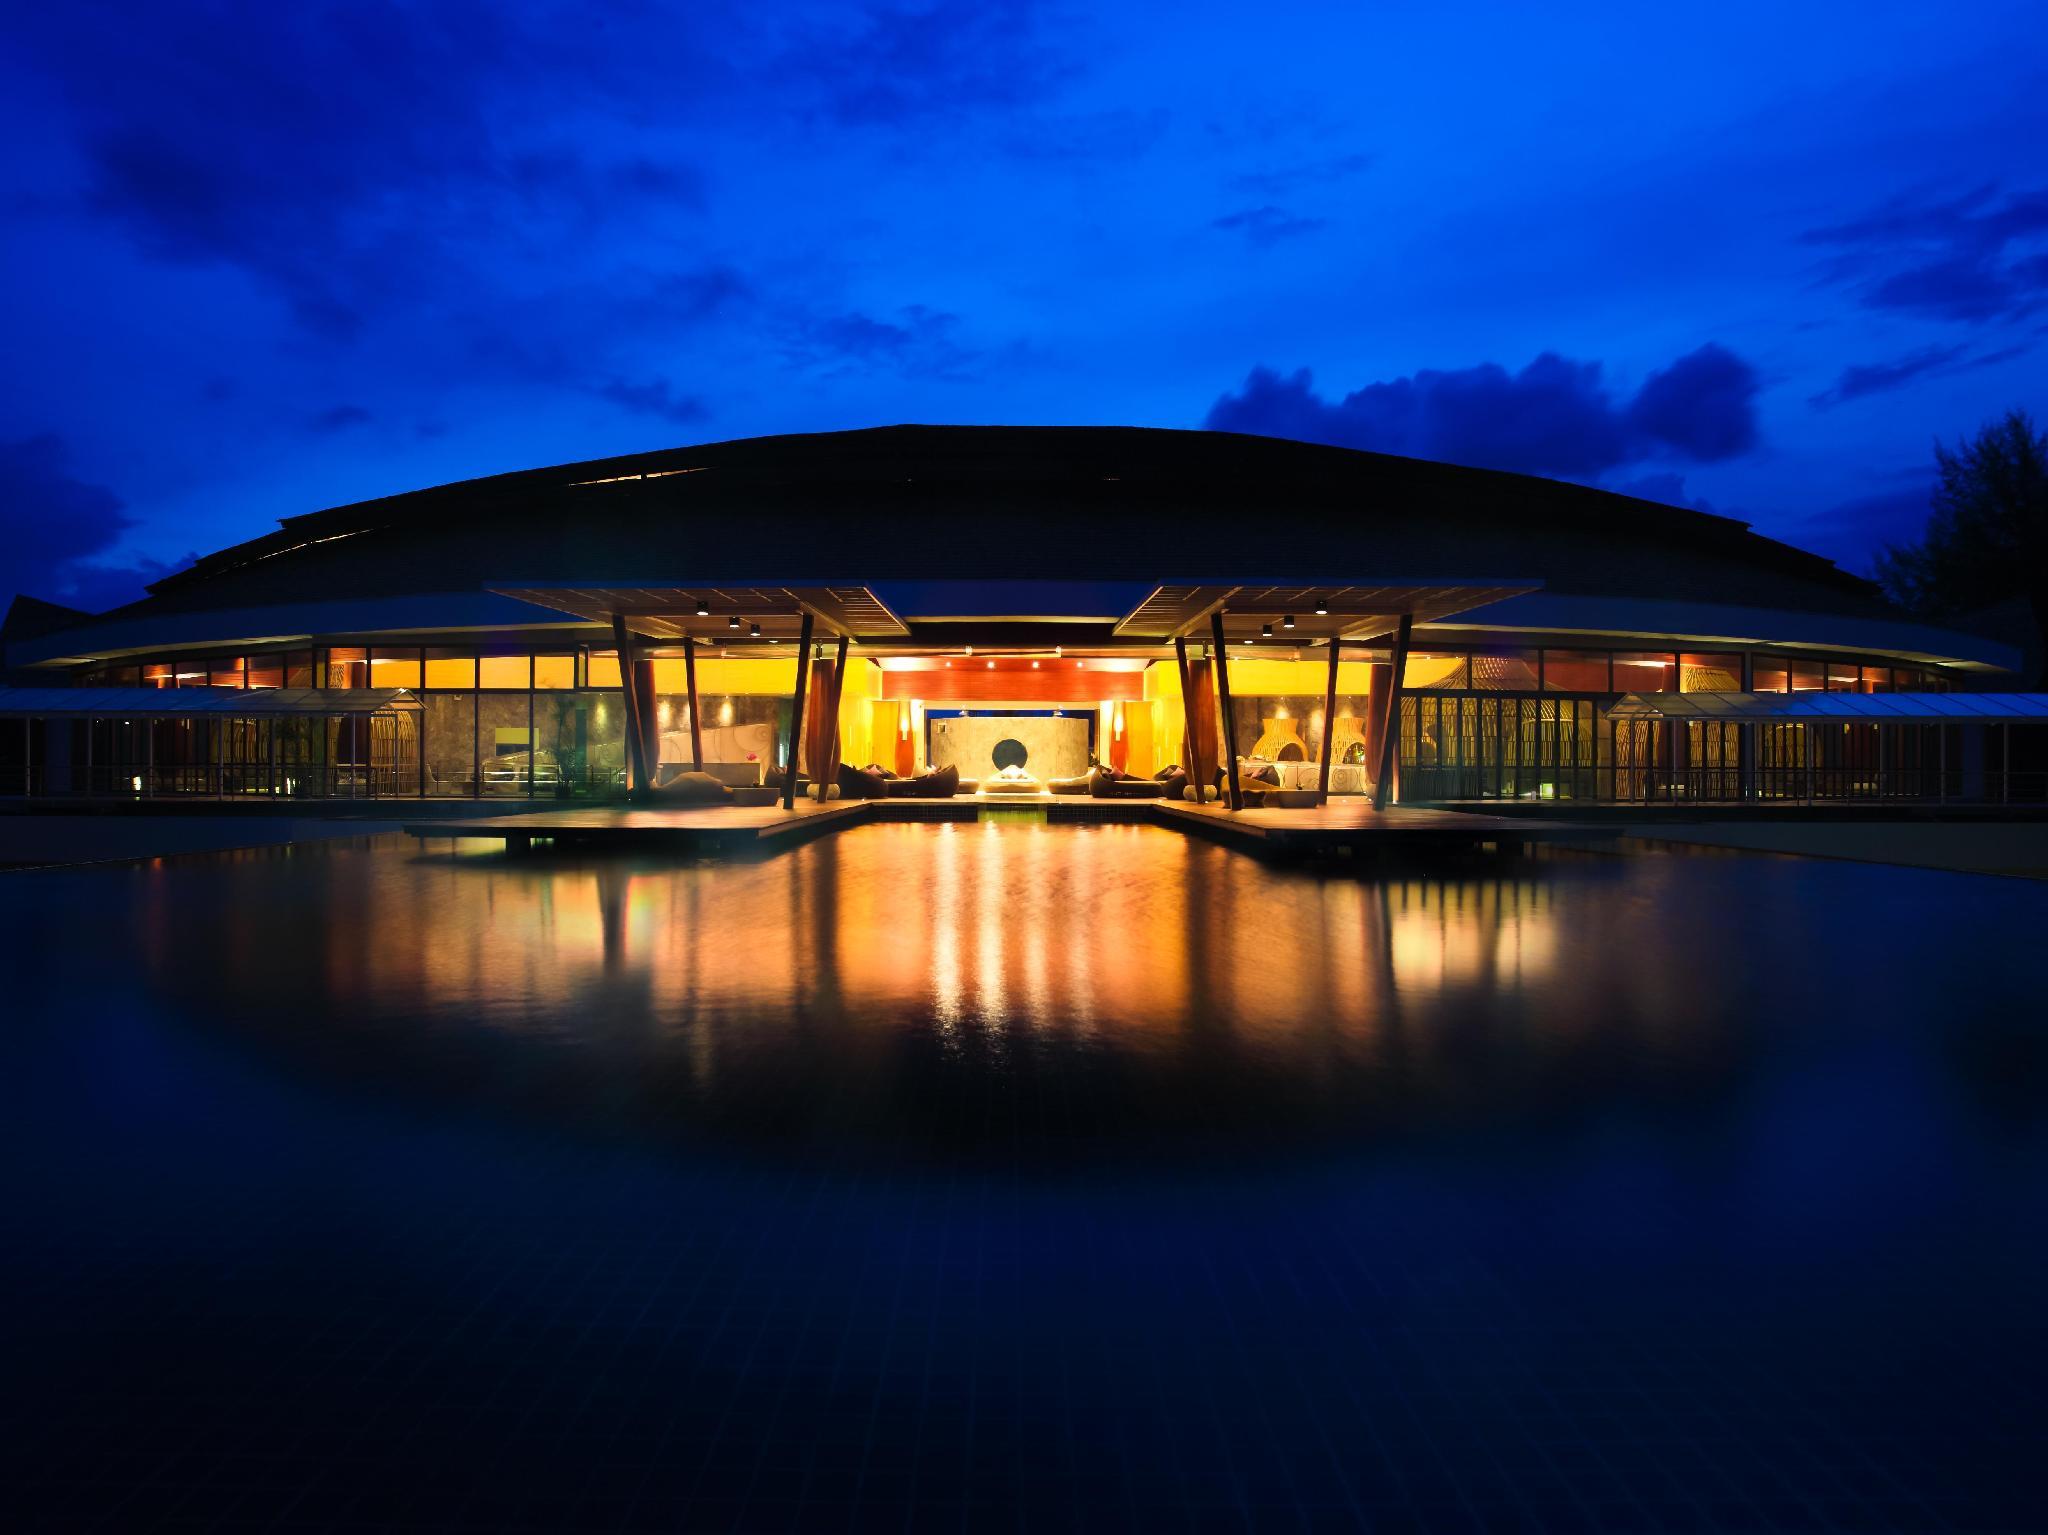 Sentido Graceland Khao Lak Resort & Spa,เซนติโด้ เกรซแลนด์ เขาหลัก รีสอร์ท แอนด์ สปา